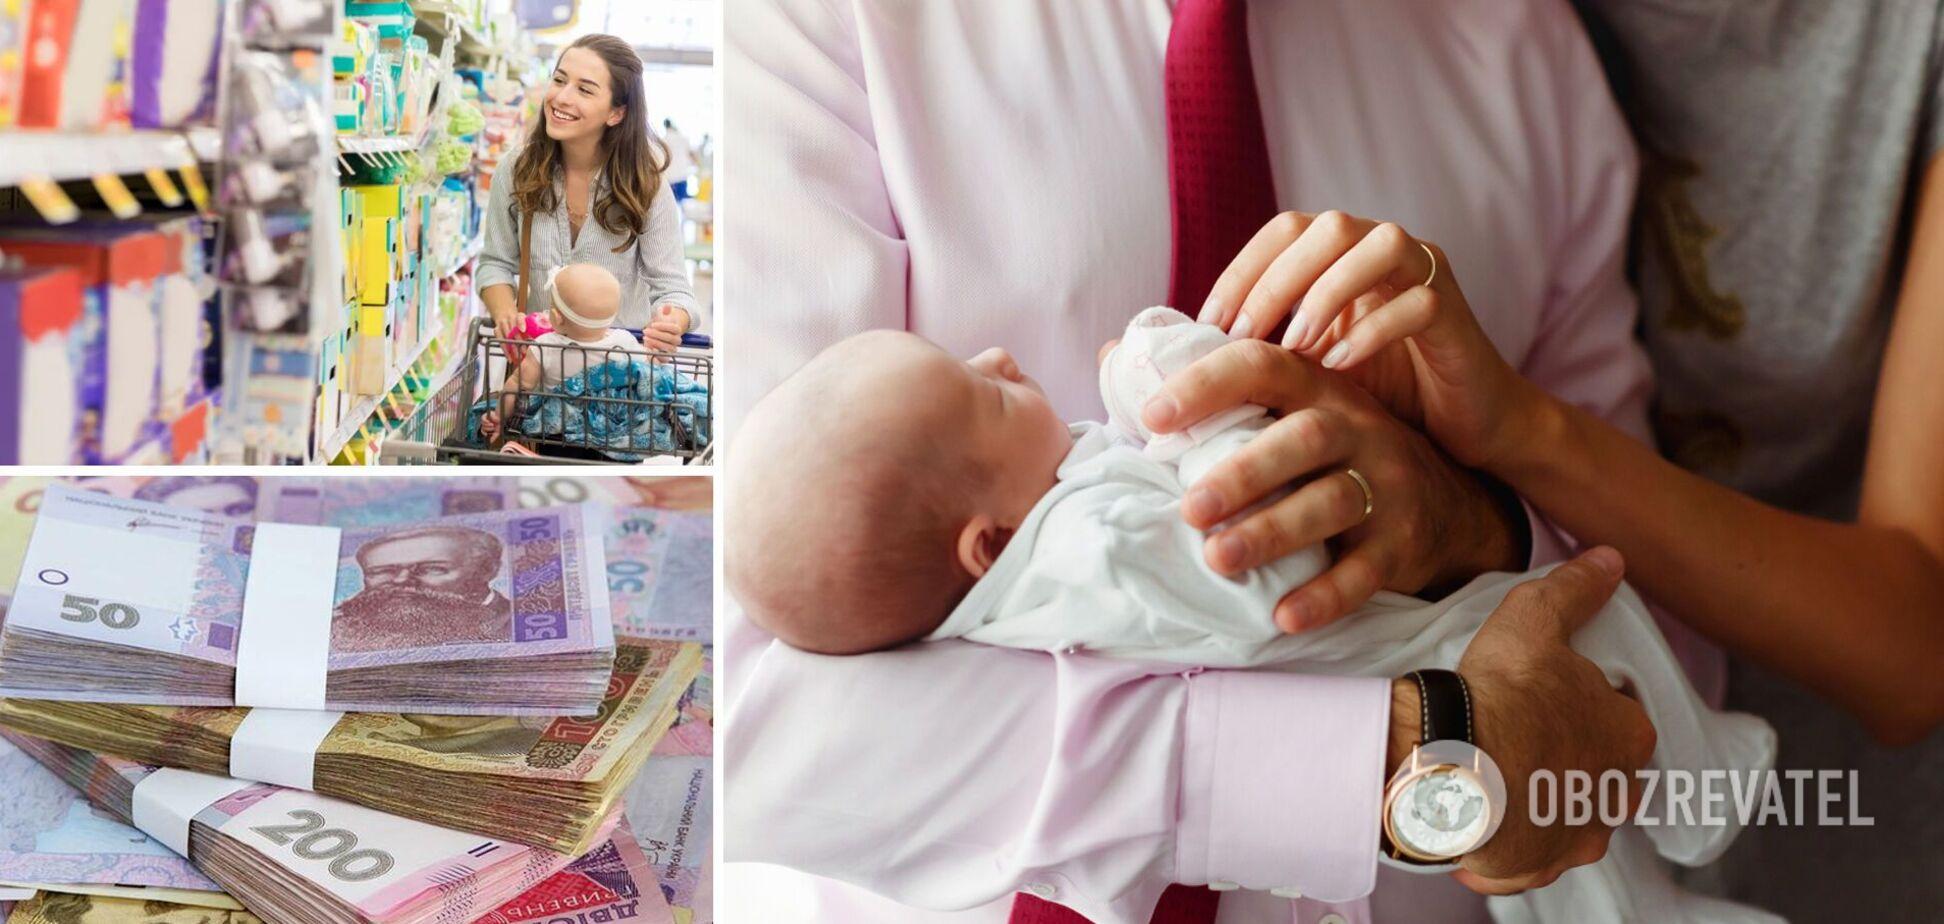 В Украине хотят повысить выплаты при рождении ребенка до 50 тысяч: когда дадут деньги и хватит ли их